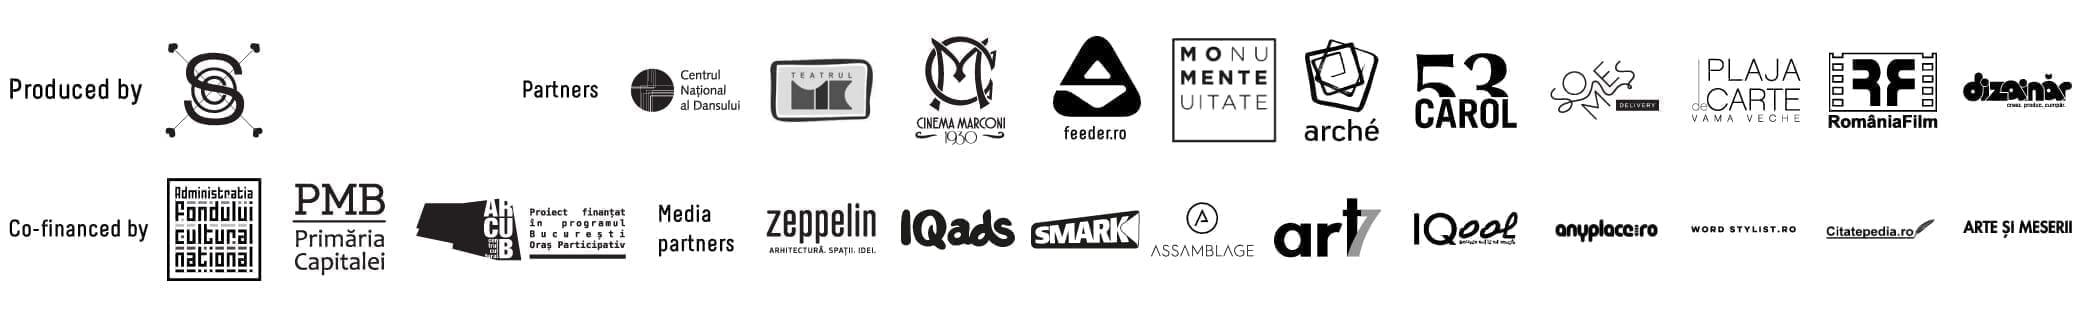 parteneri hub cultural Cinema / Teatrul de vară Capitol 2017-2018